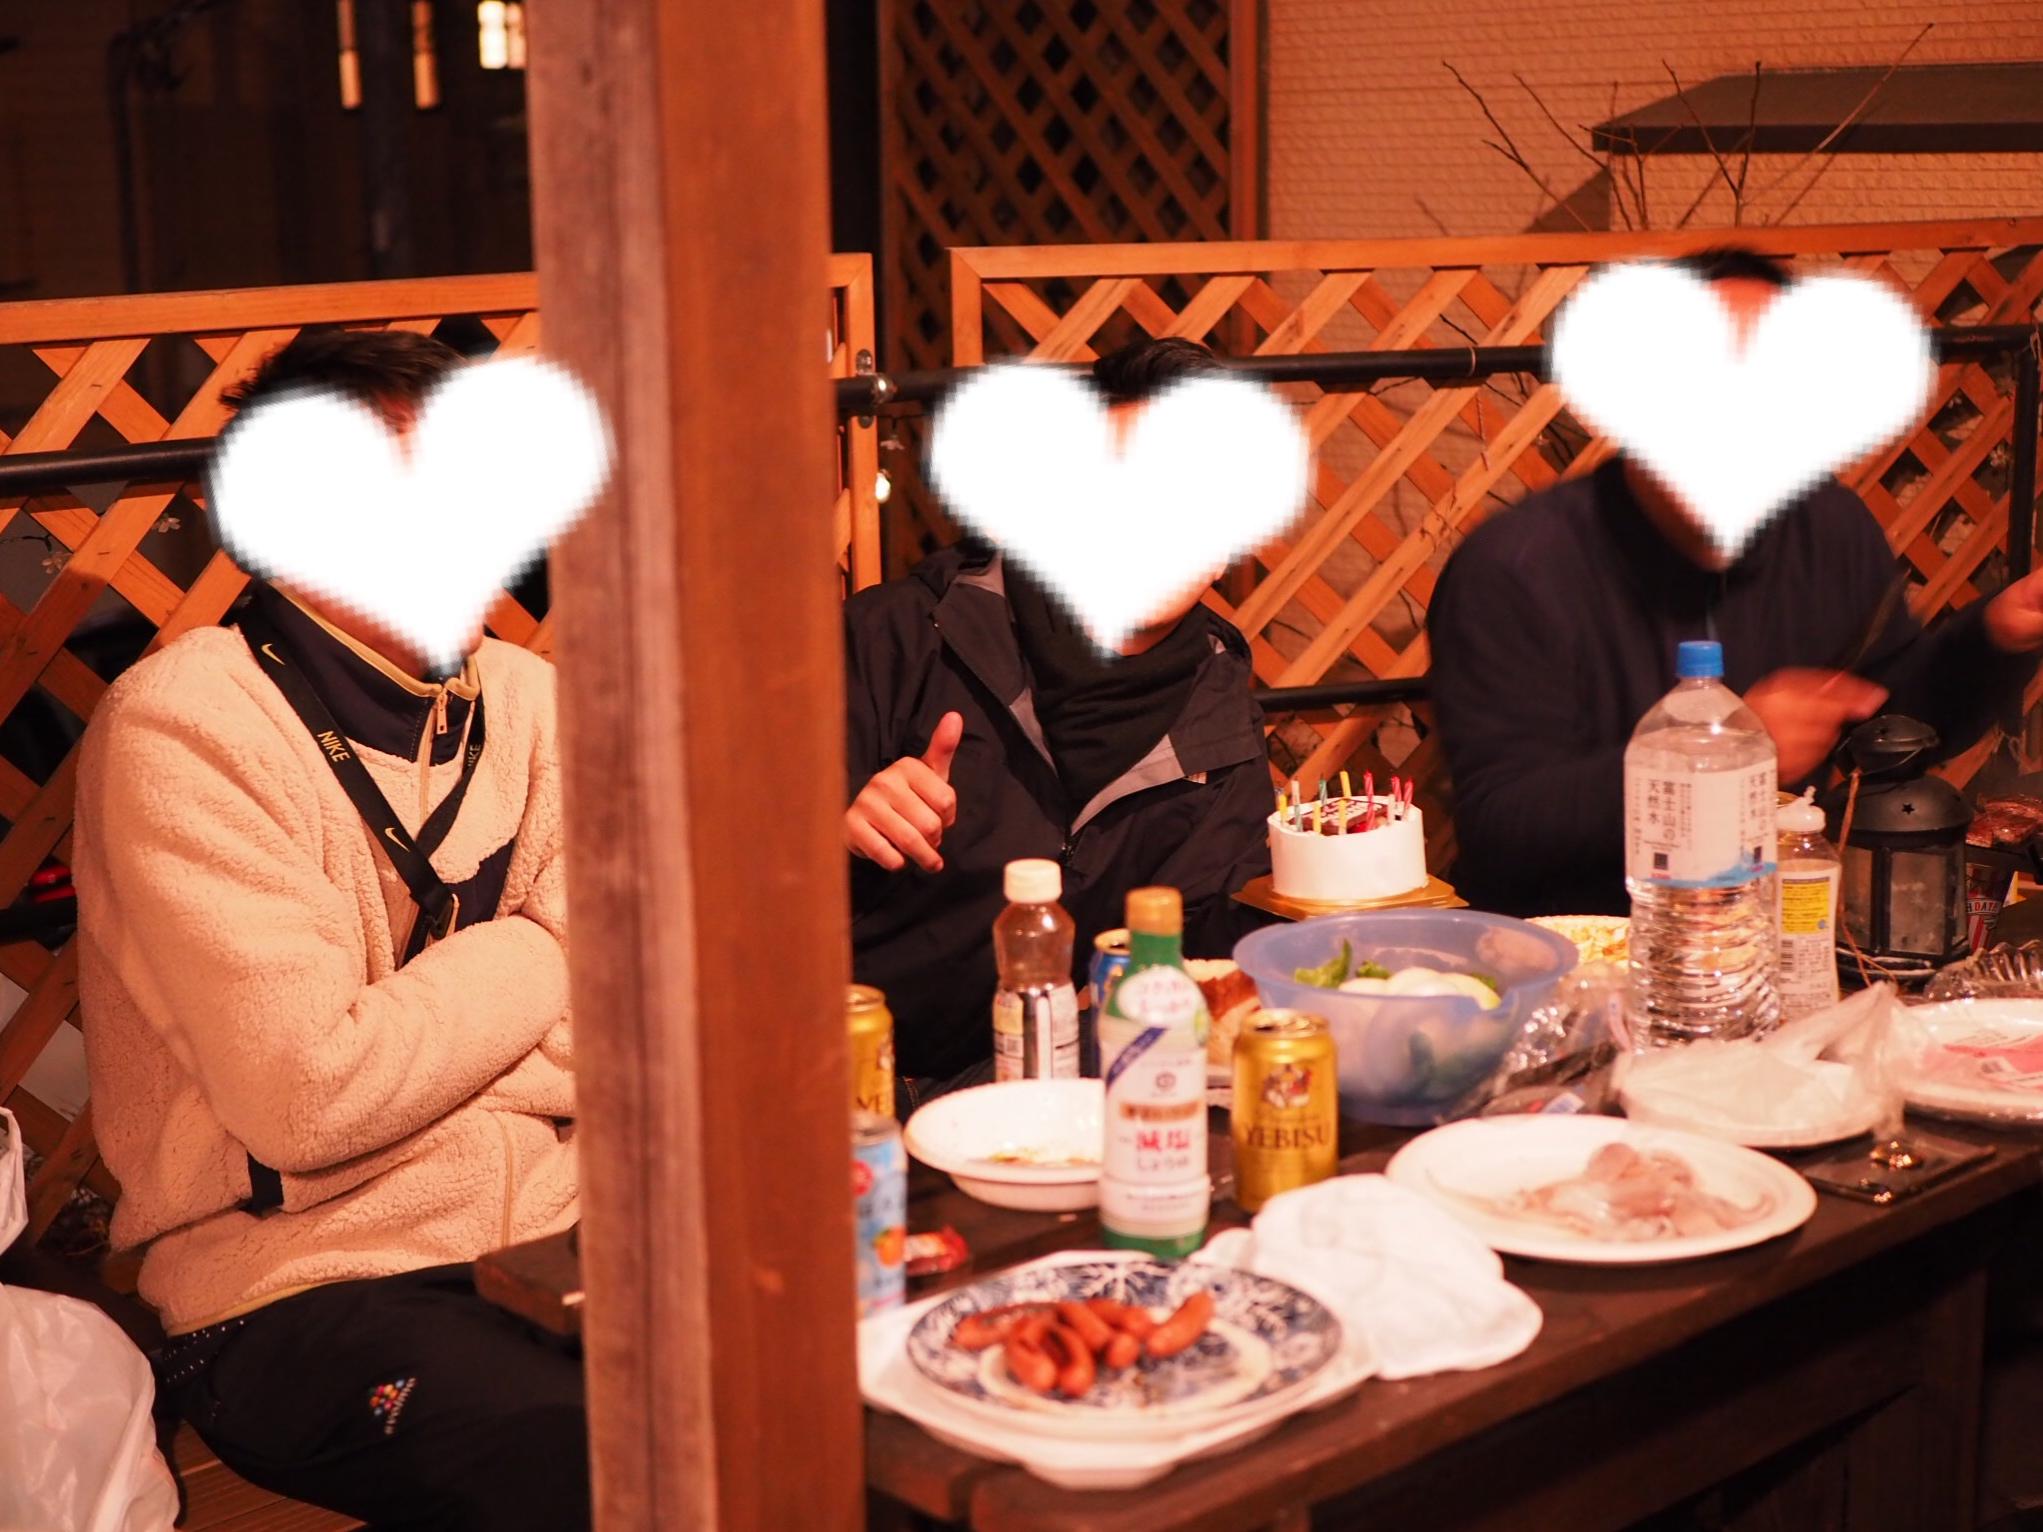 【#河口湖合宿】富士山の目の前のペンションでわいわい一泊旅♩〜宿編〜_6